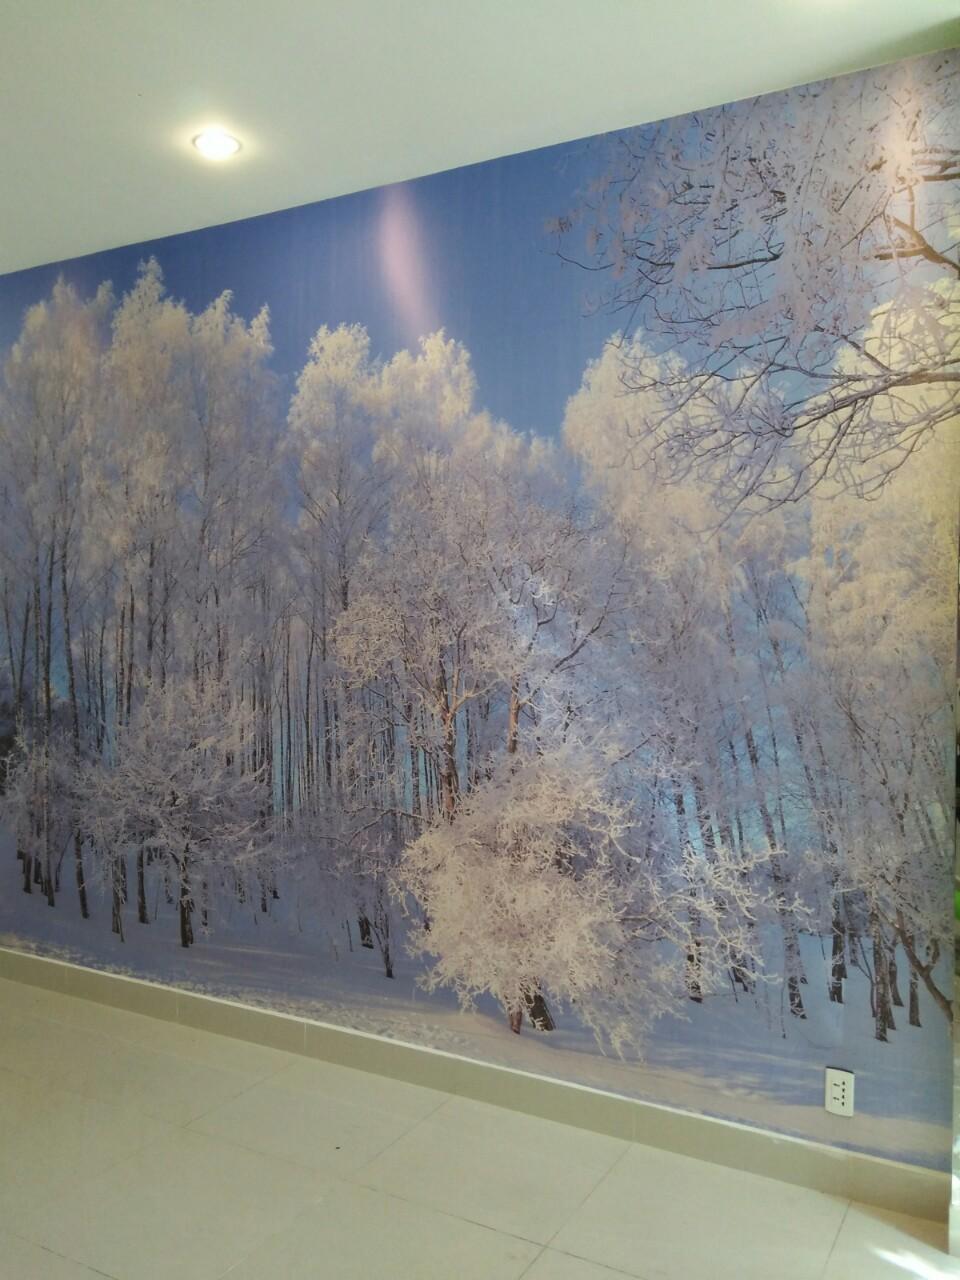 be870f9a59c1b99fe0d0 Rừng thông phủ đầy tuyết trắng xóa